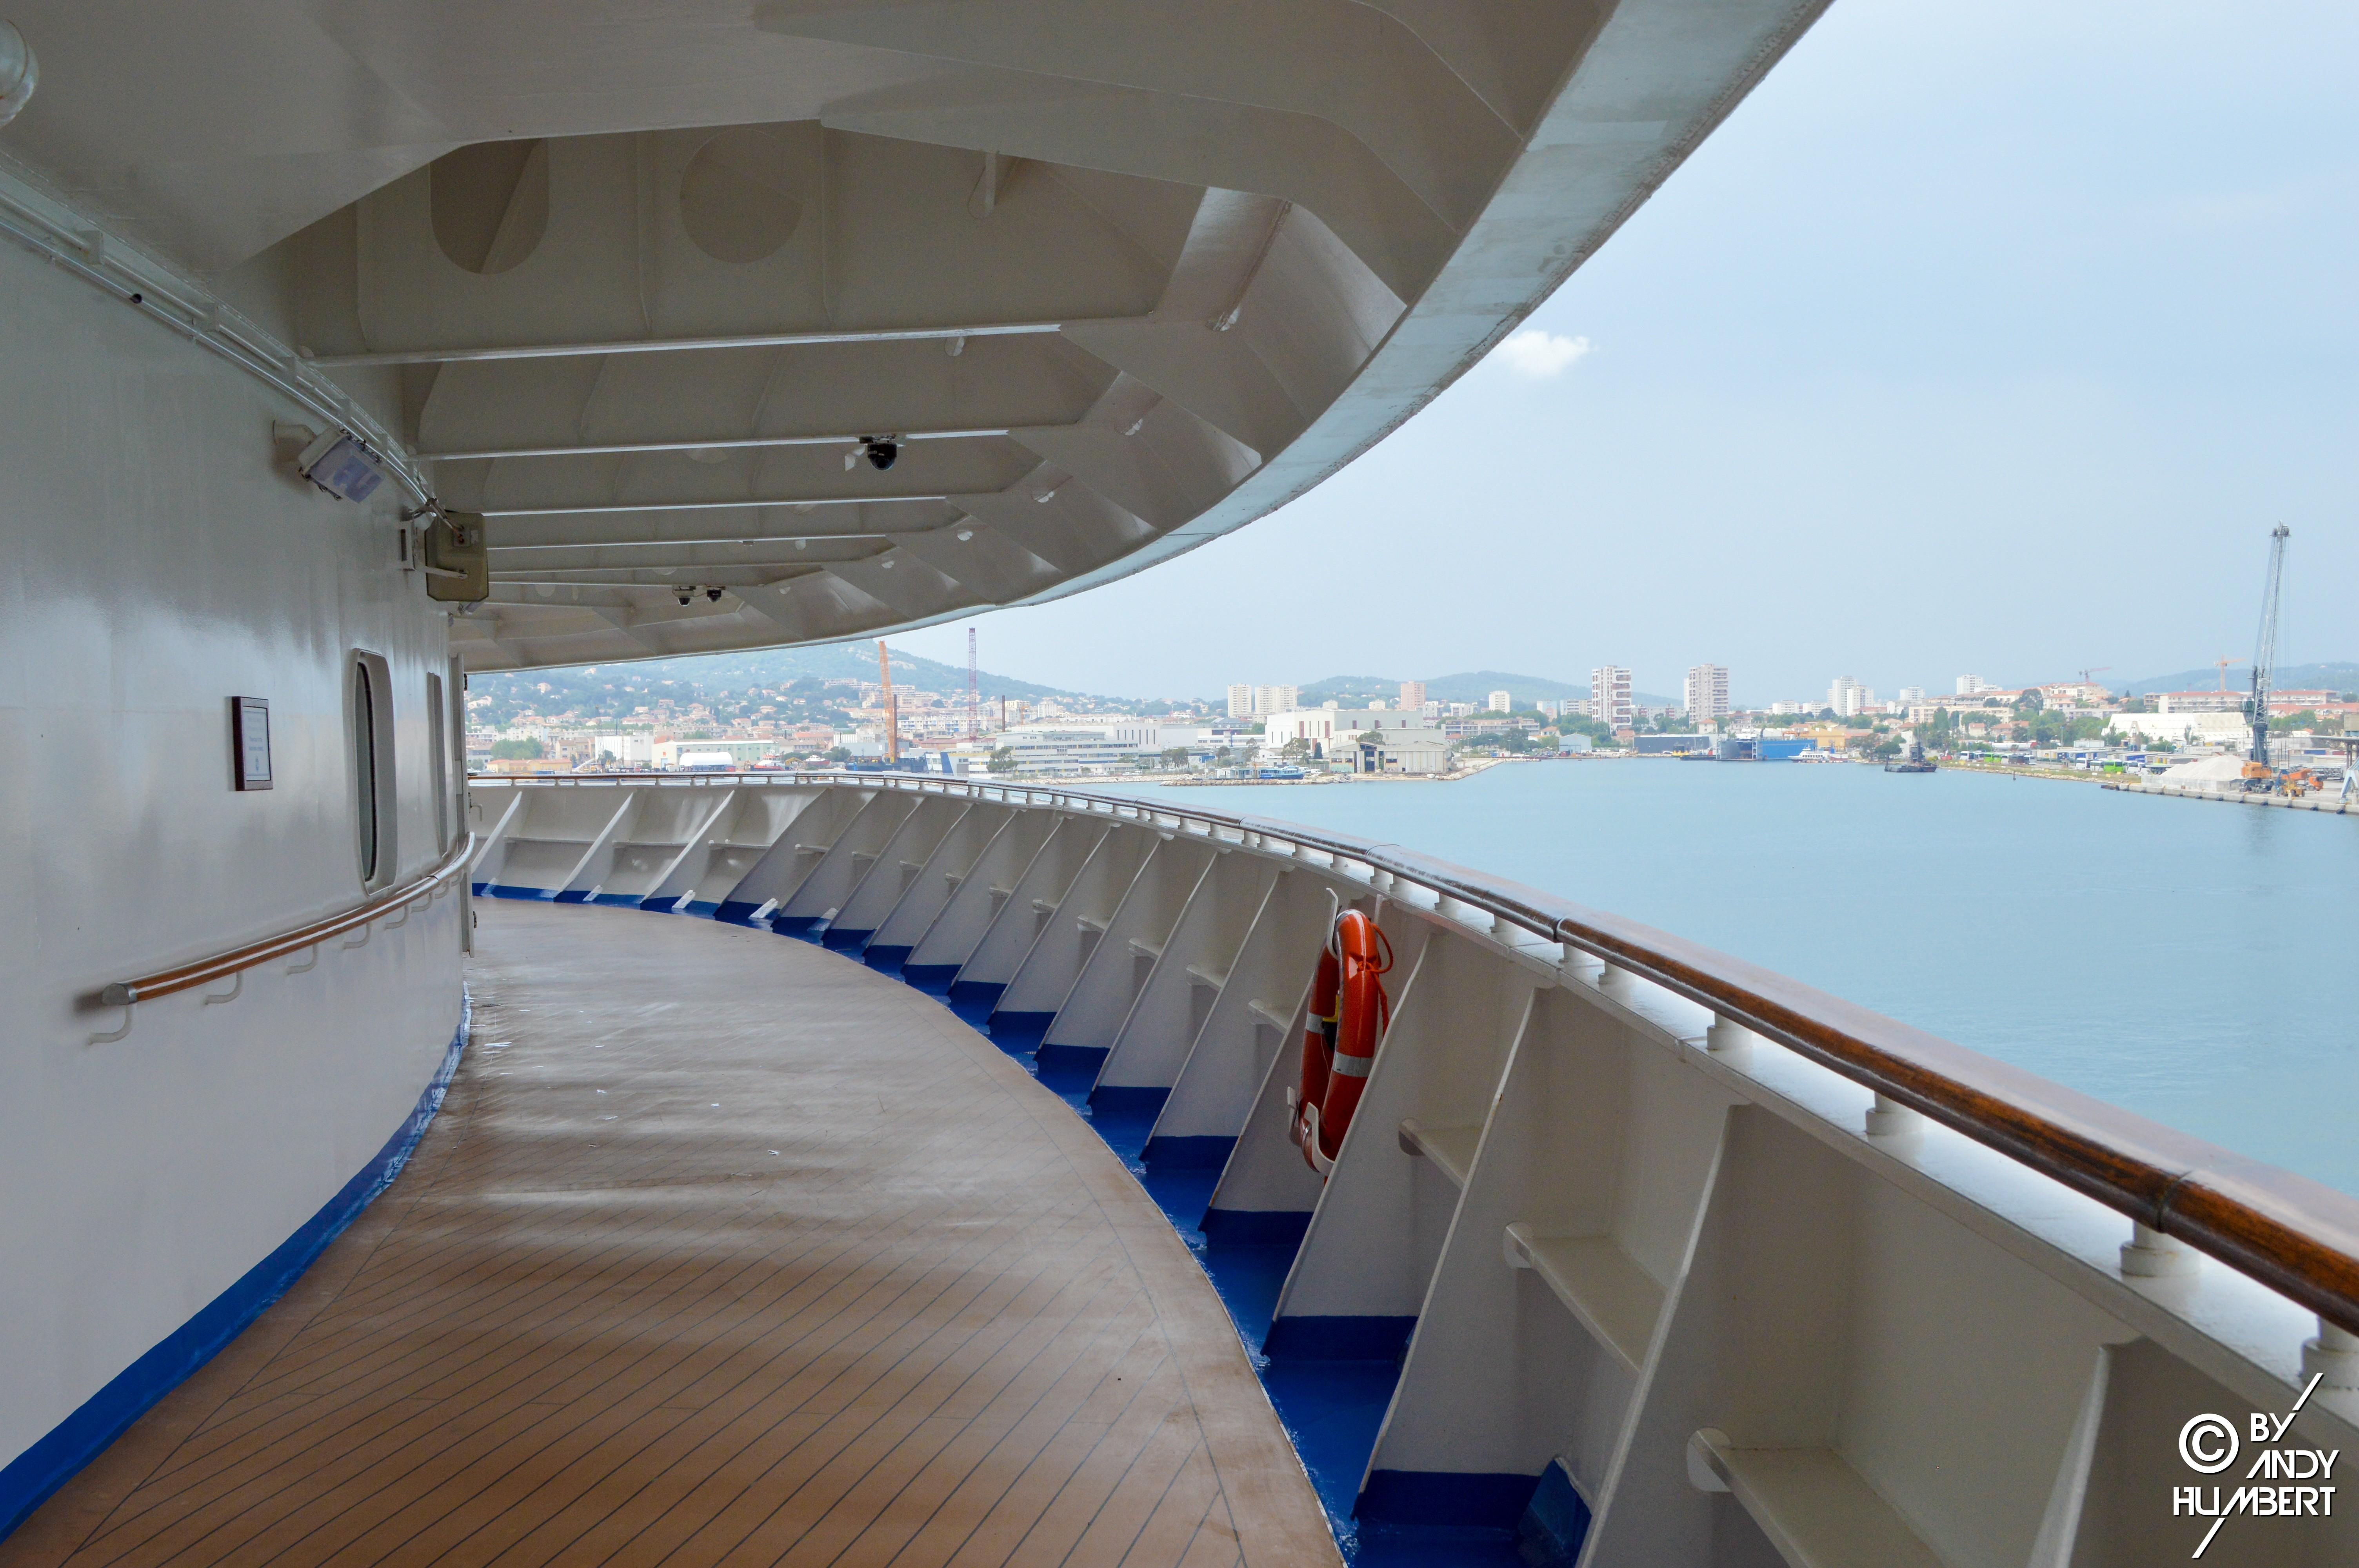 Promenade Deck (ponts 7 & 8)